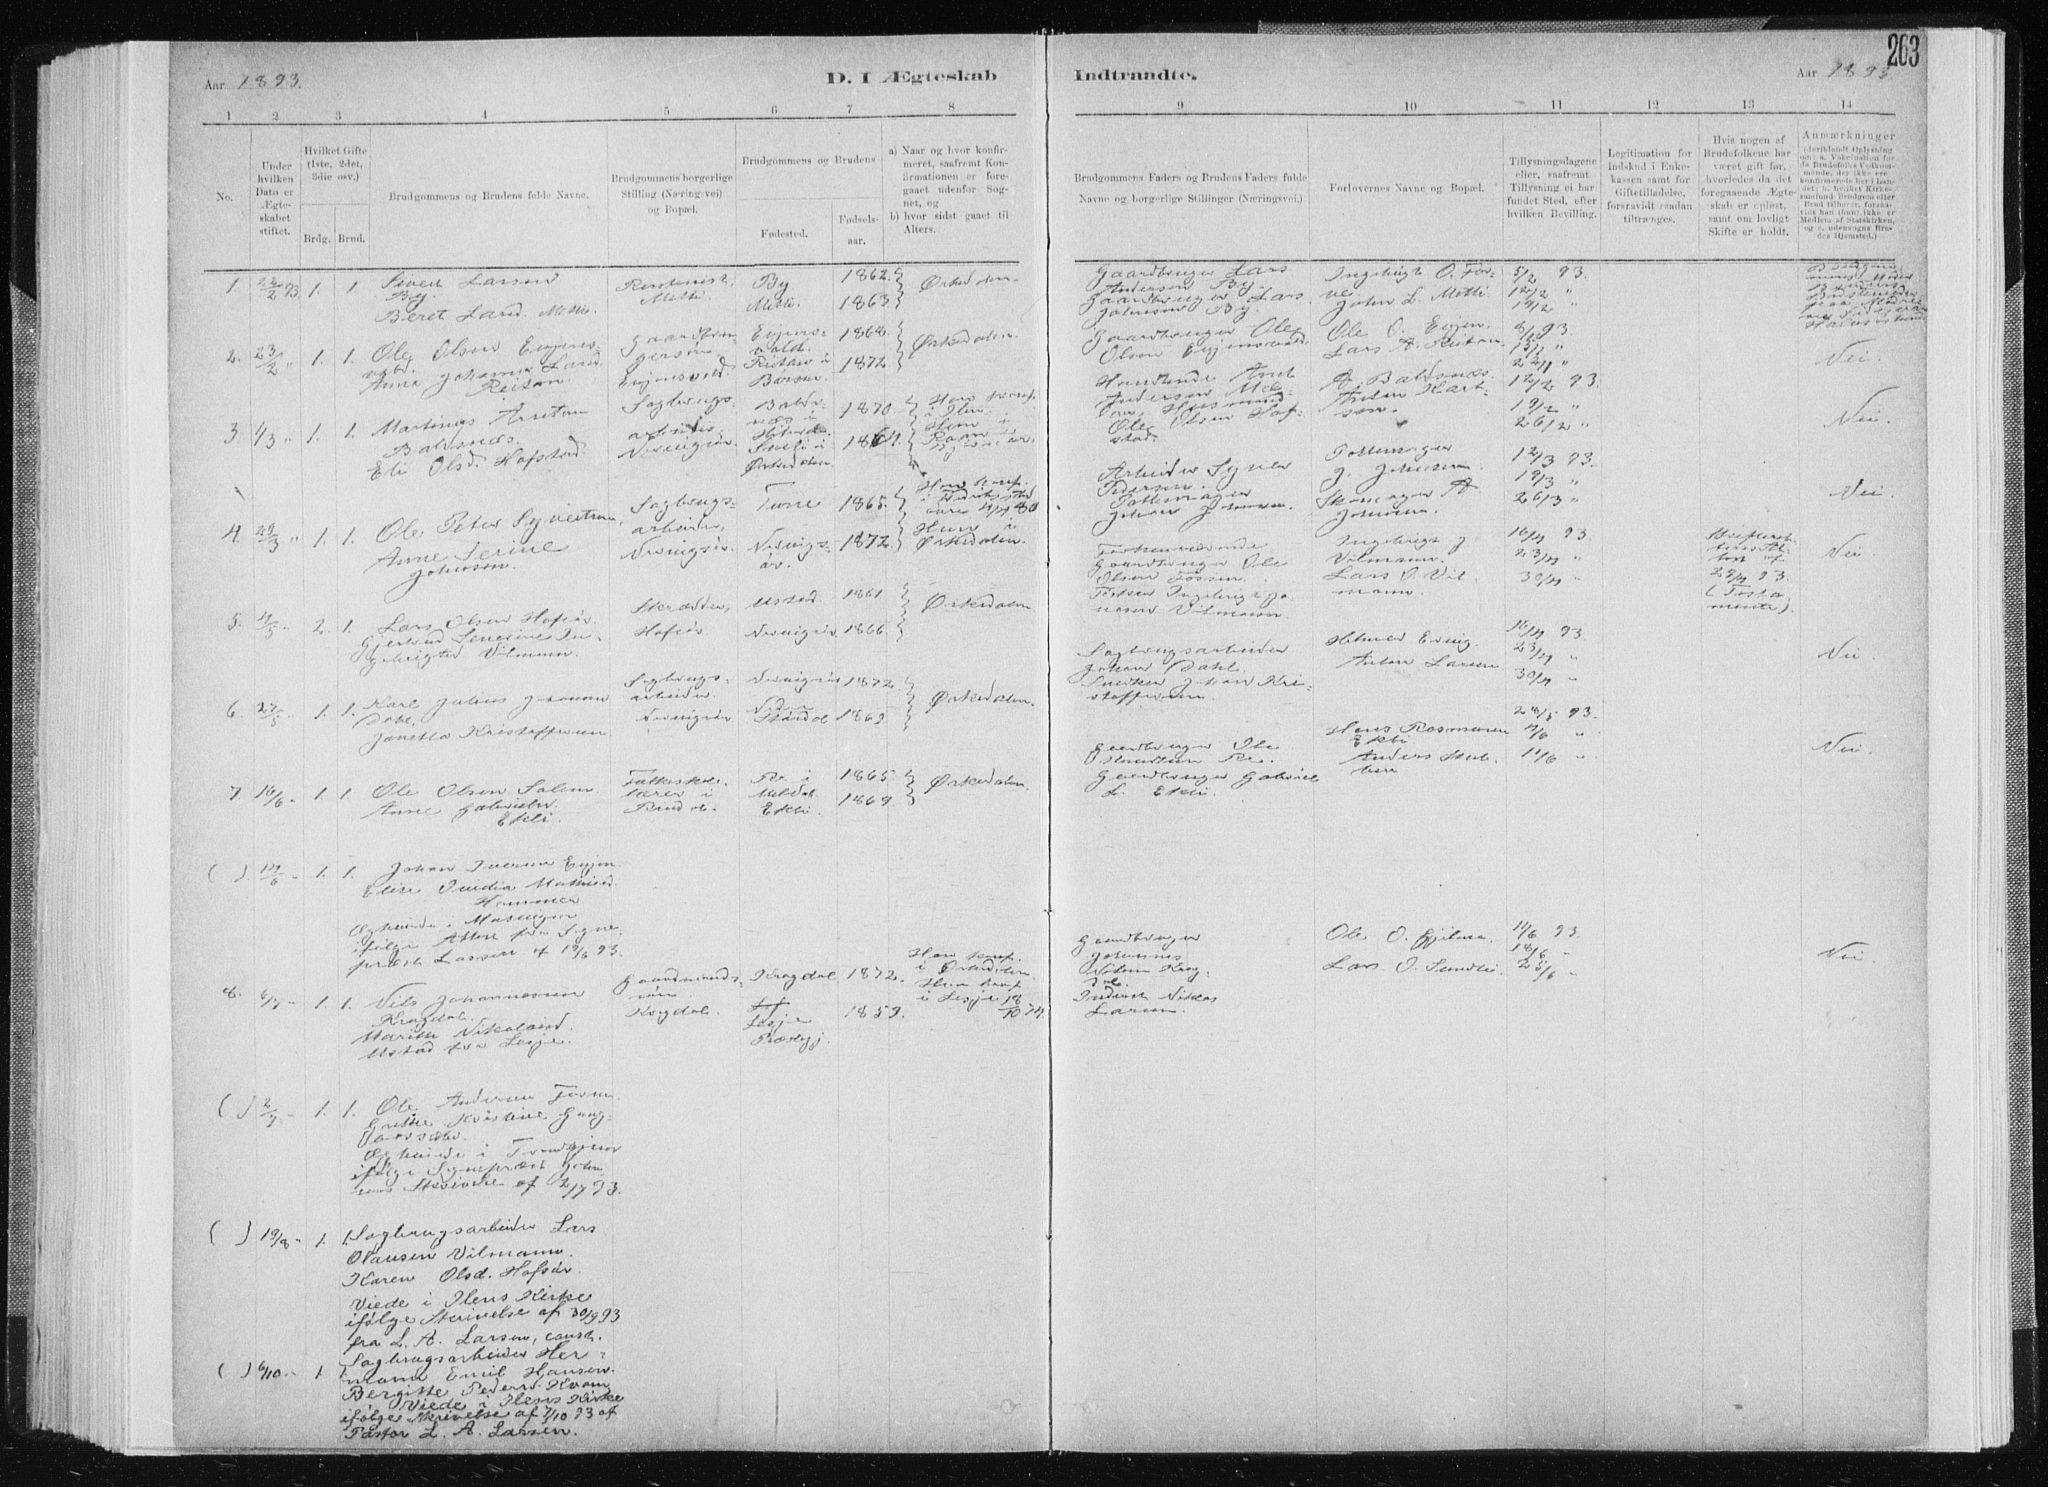 SAT, Ministerialprotokoller, klokkerbøker og fødselsregistre - Sør-Trøndelag, 668/L0818: Klokkerbok nr. 668C07, 1885-1898, s. 263